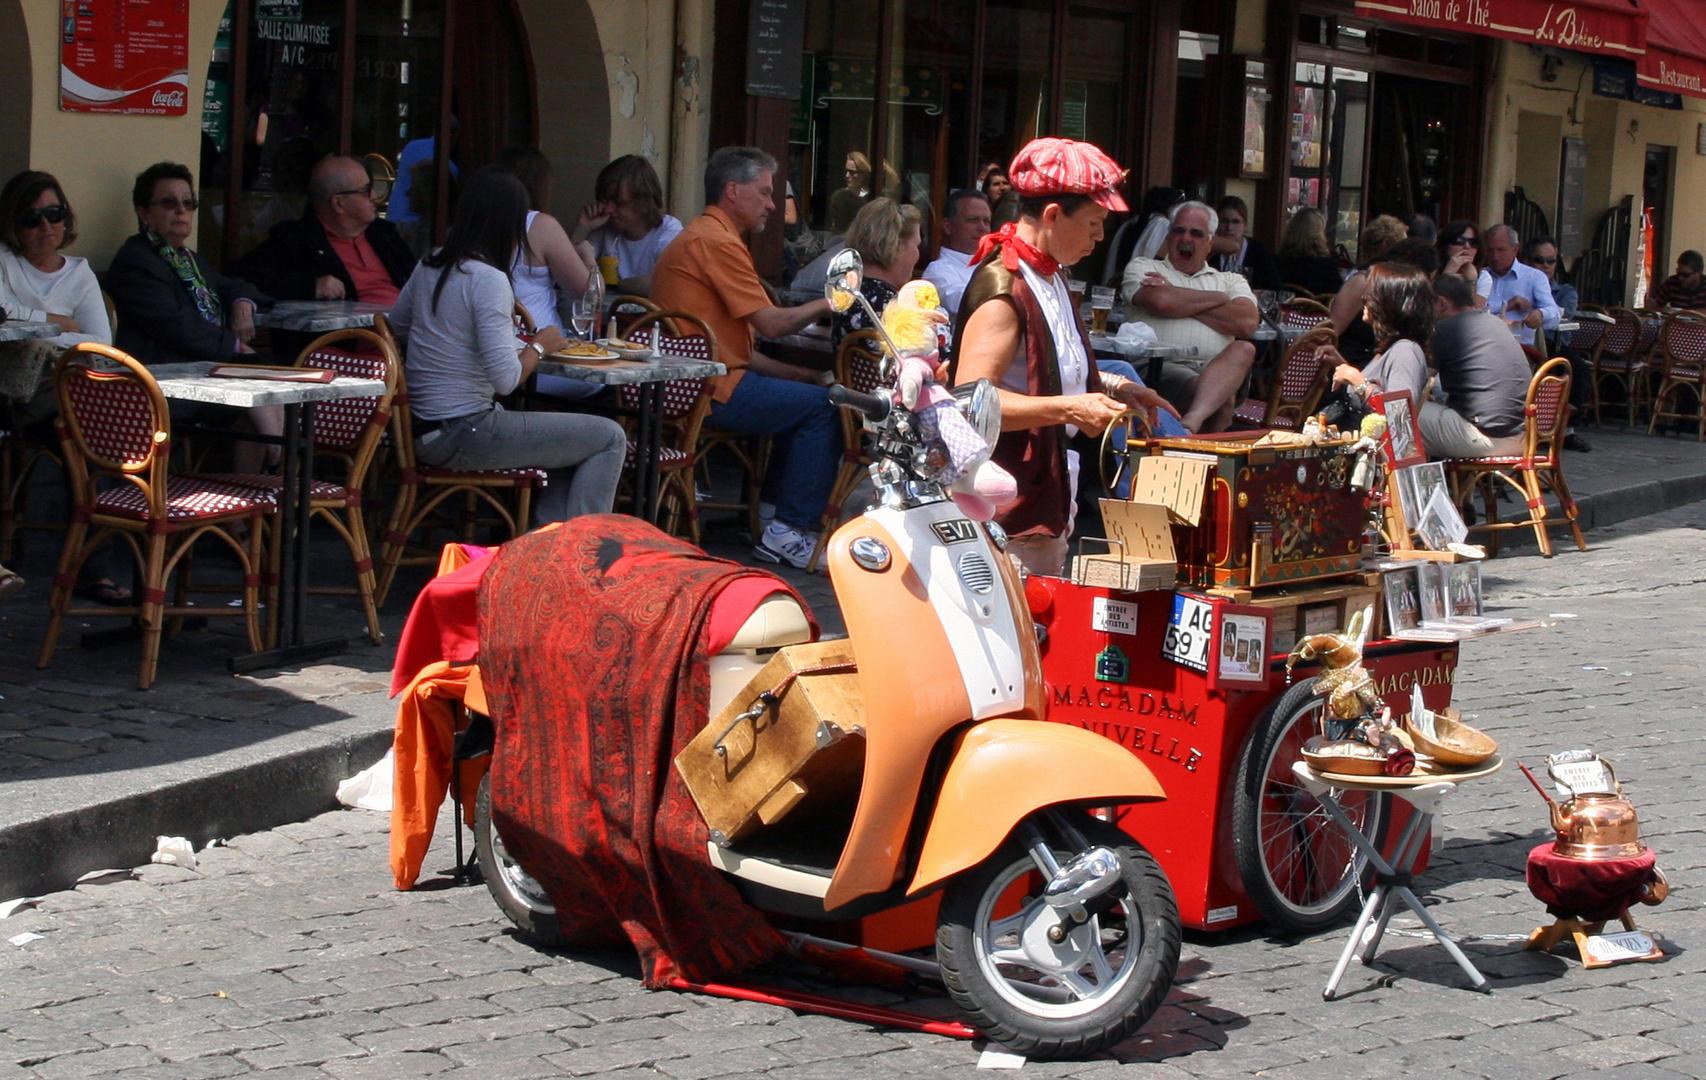 Straßenverkauf am Montmartre